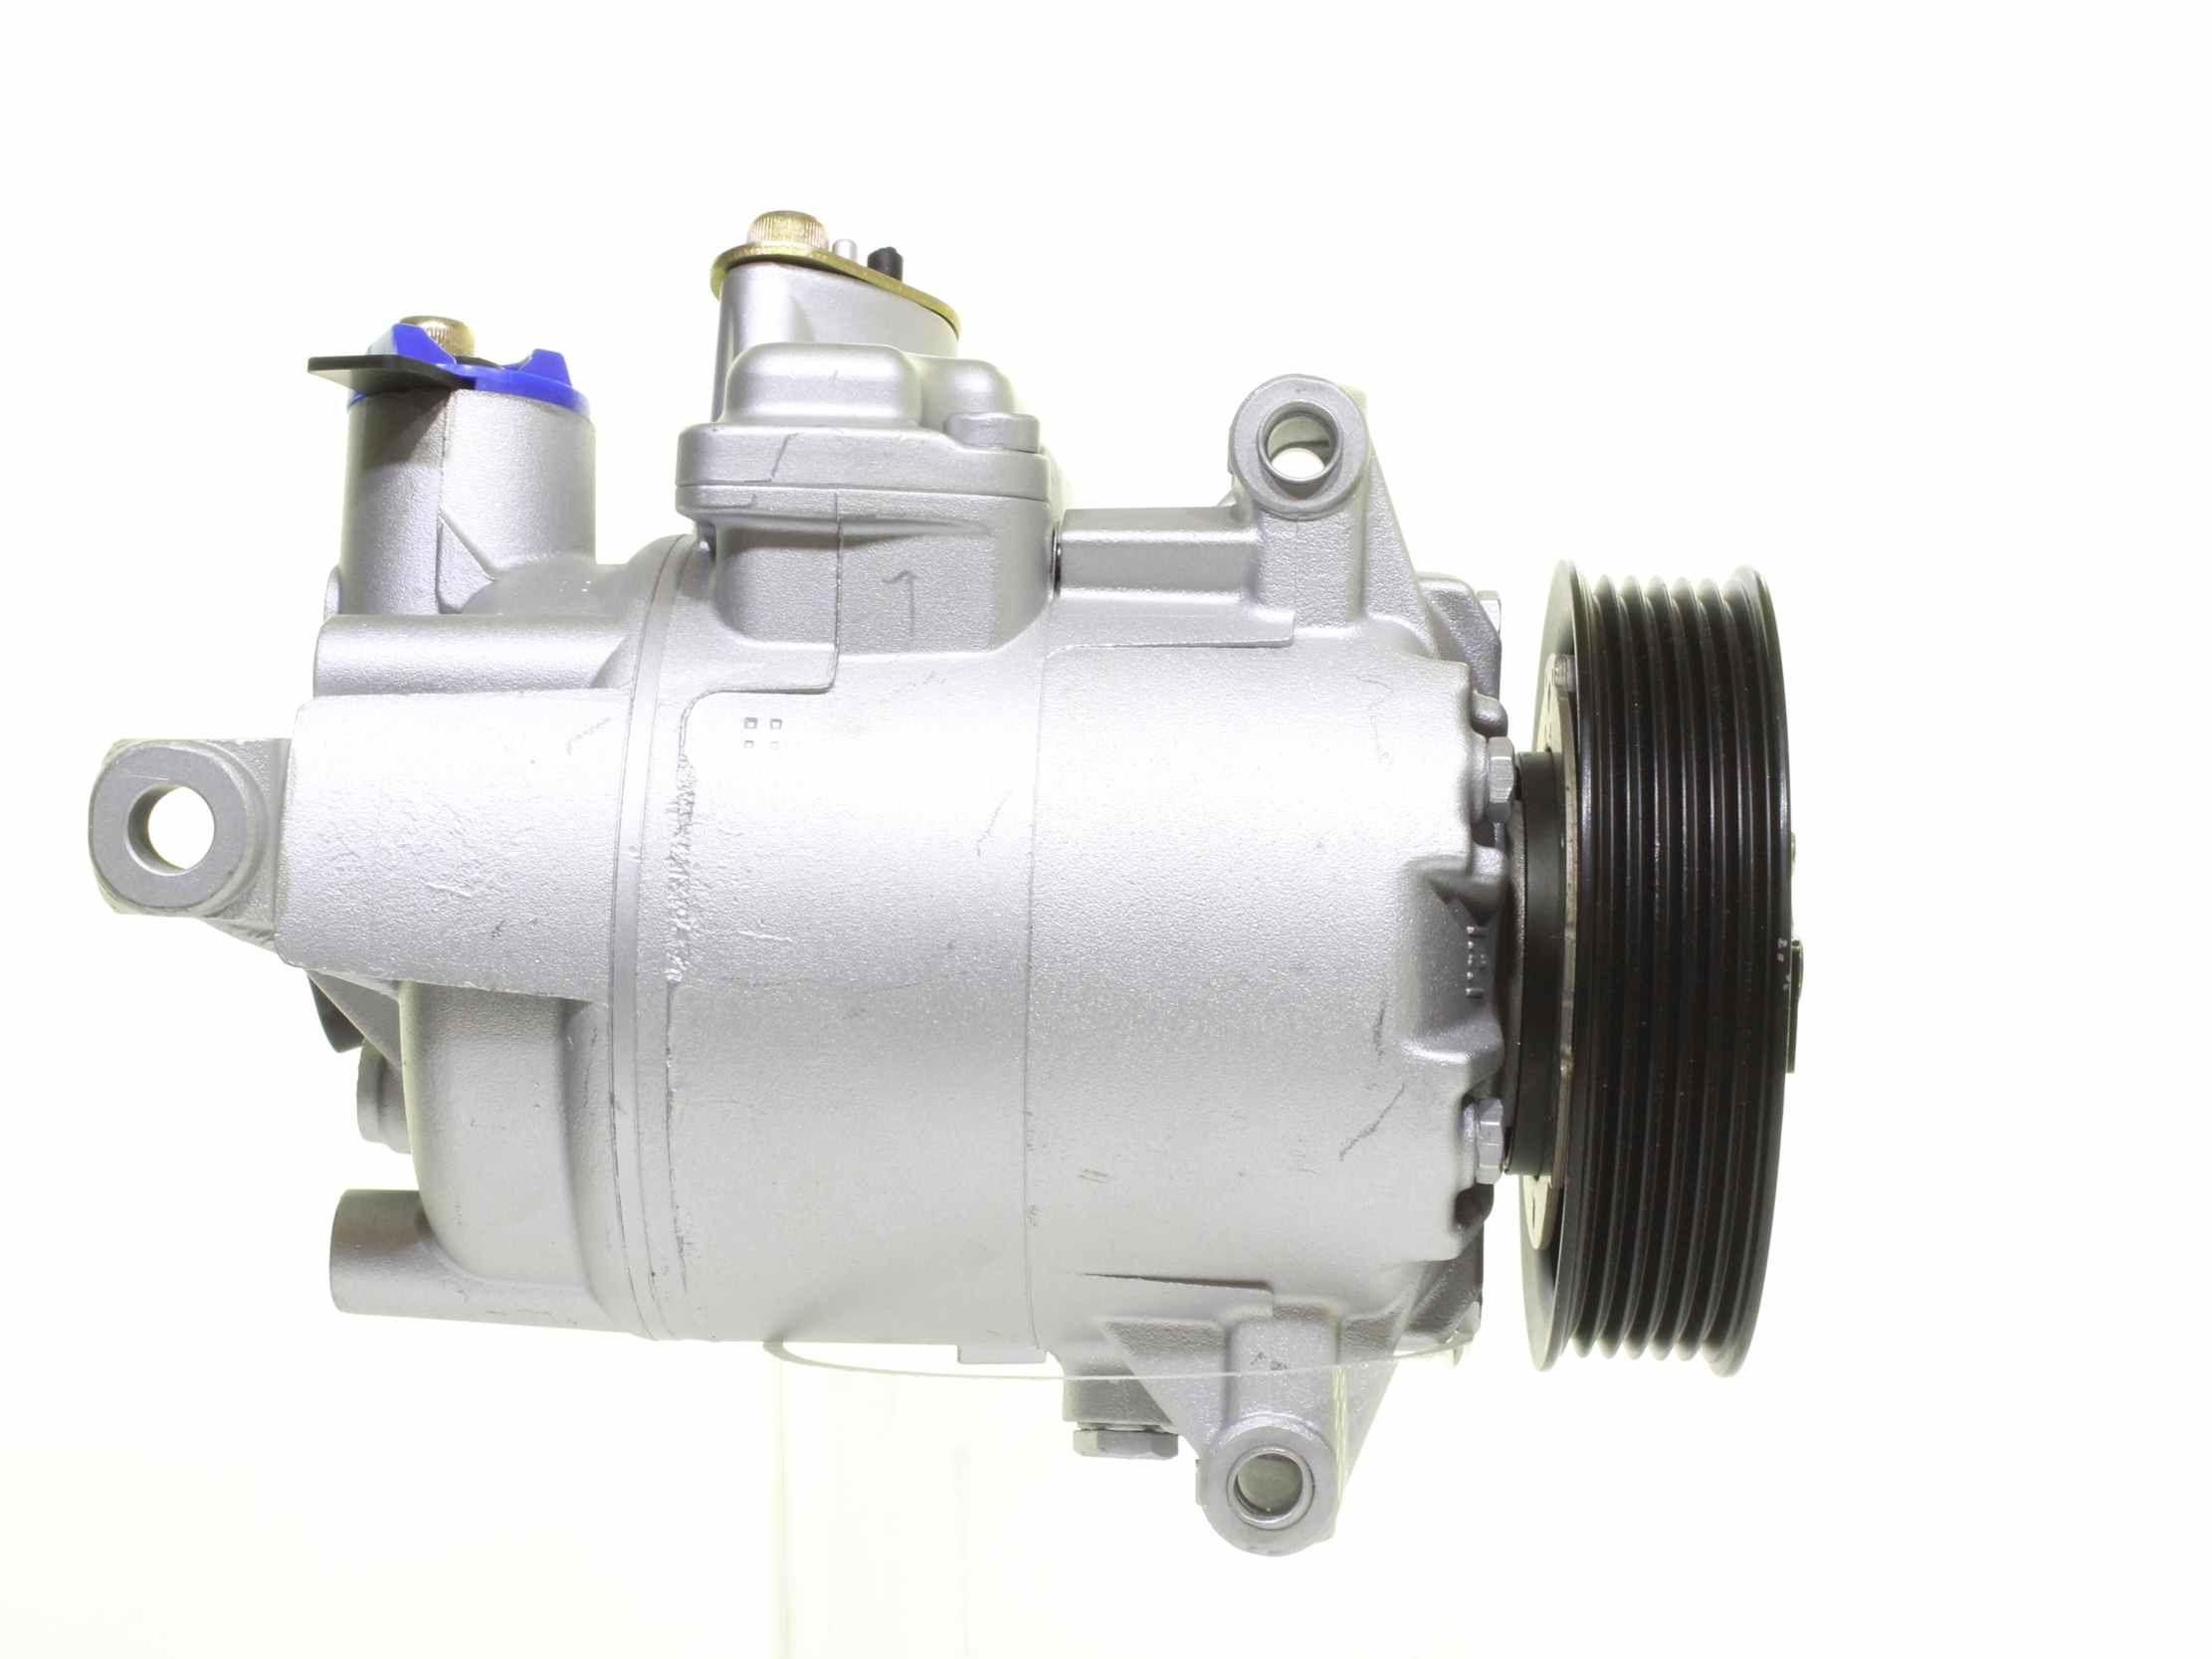 10550918 Kältemittelkompressor ALANKO Erfahrung